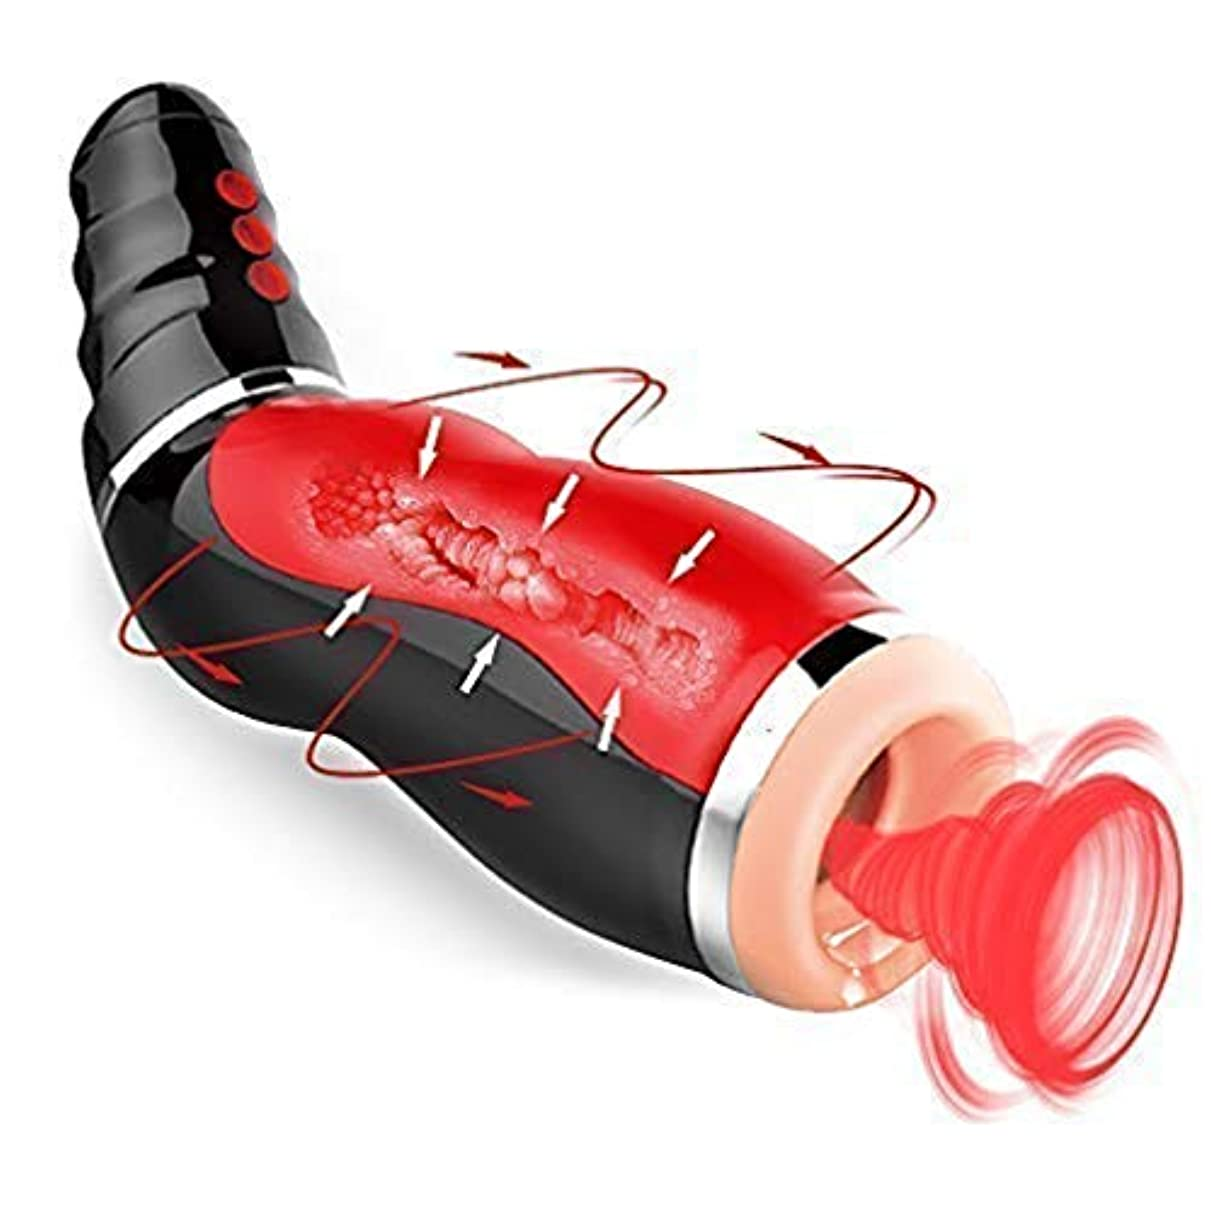 参照するアーティキュレーションフルーツ野菜Woouu 男性リラックス180度回転ハンズフリーカップ10回転10伸縮式マスターバスカップ全自動吸盤